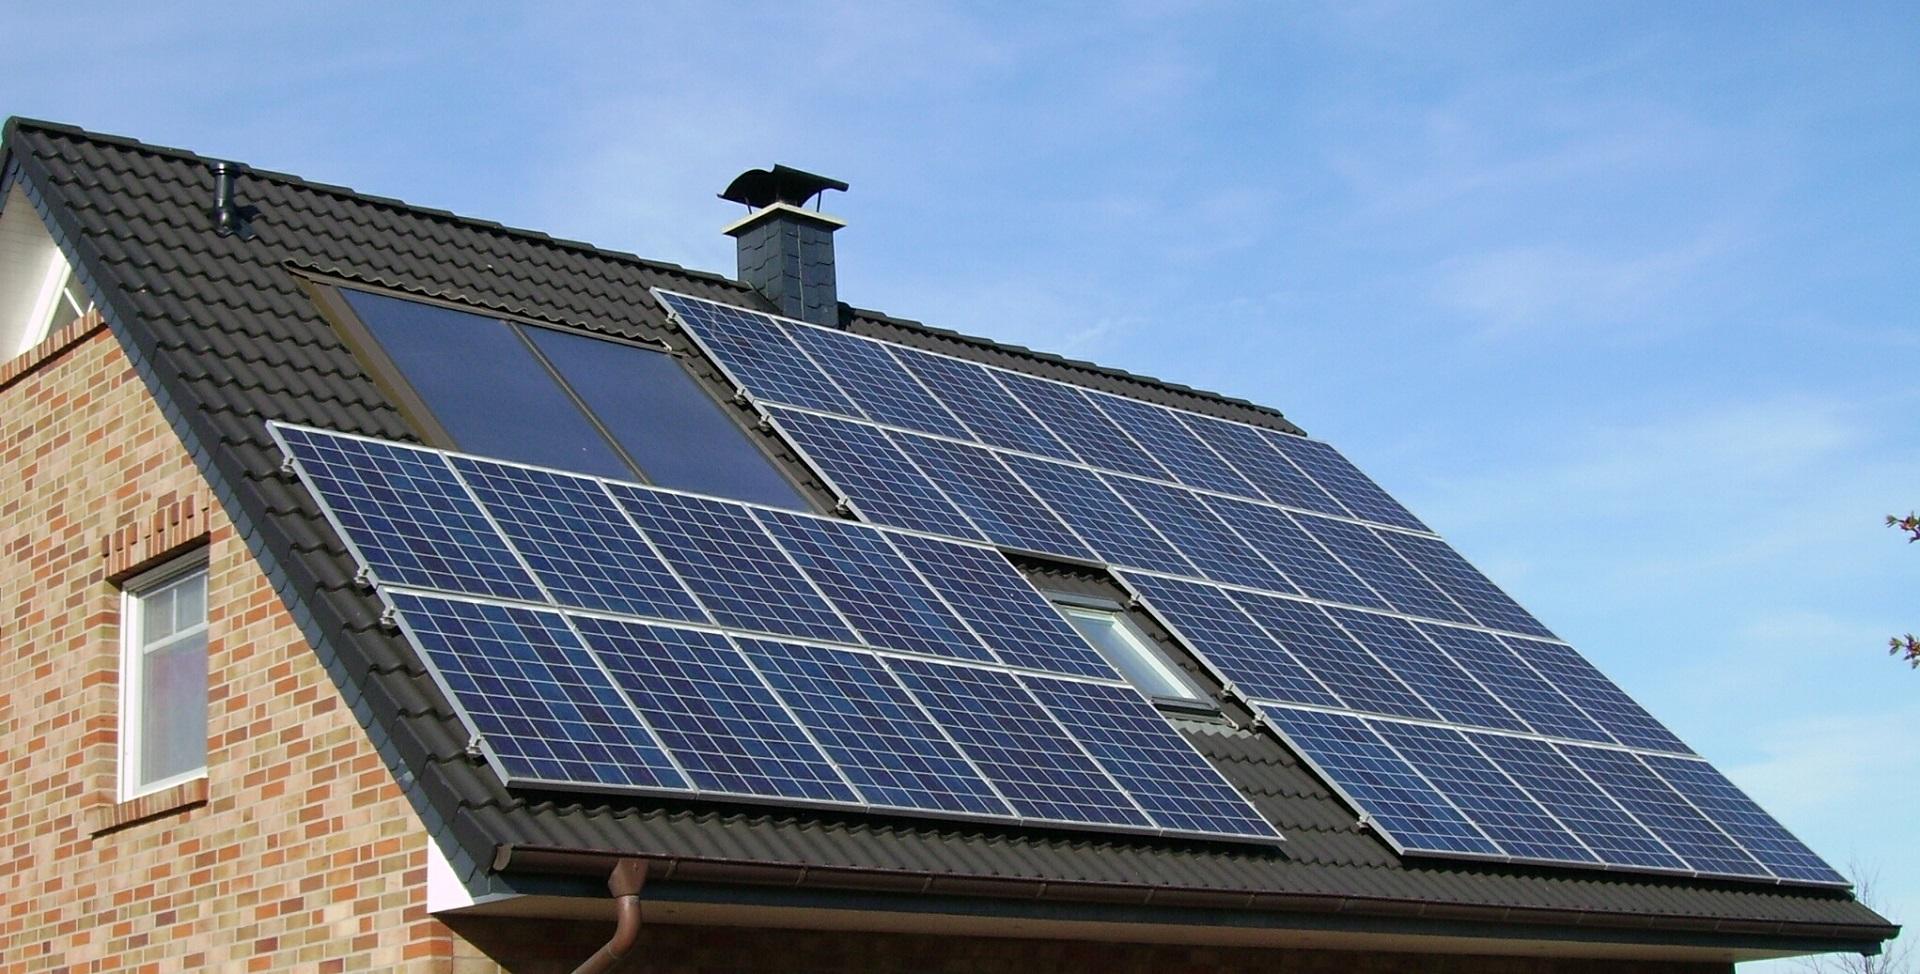 Toiture d'une maison avec des panneaux solaires photovoltaïques